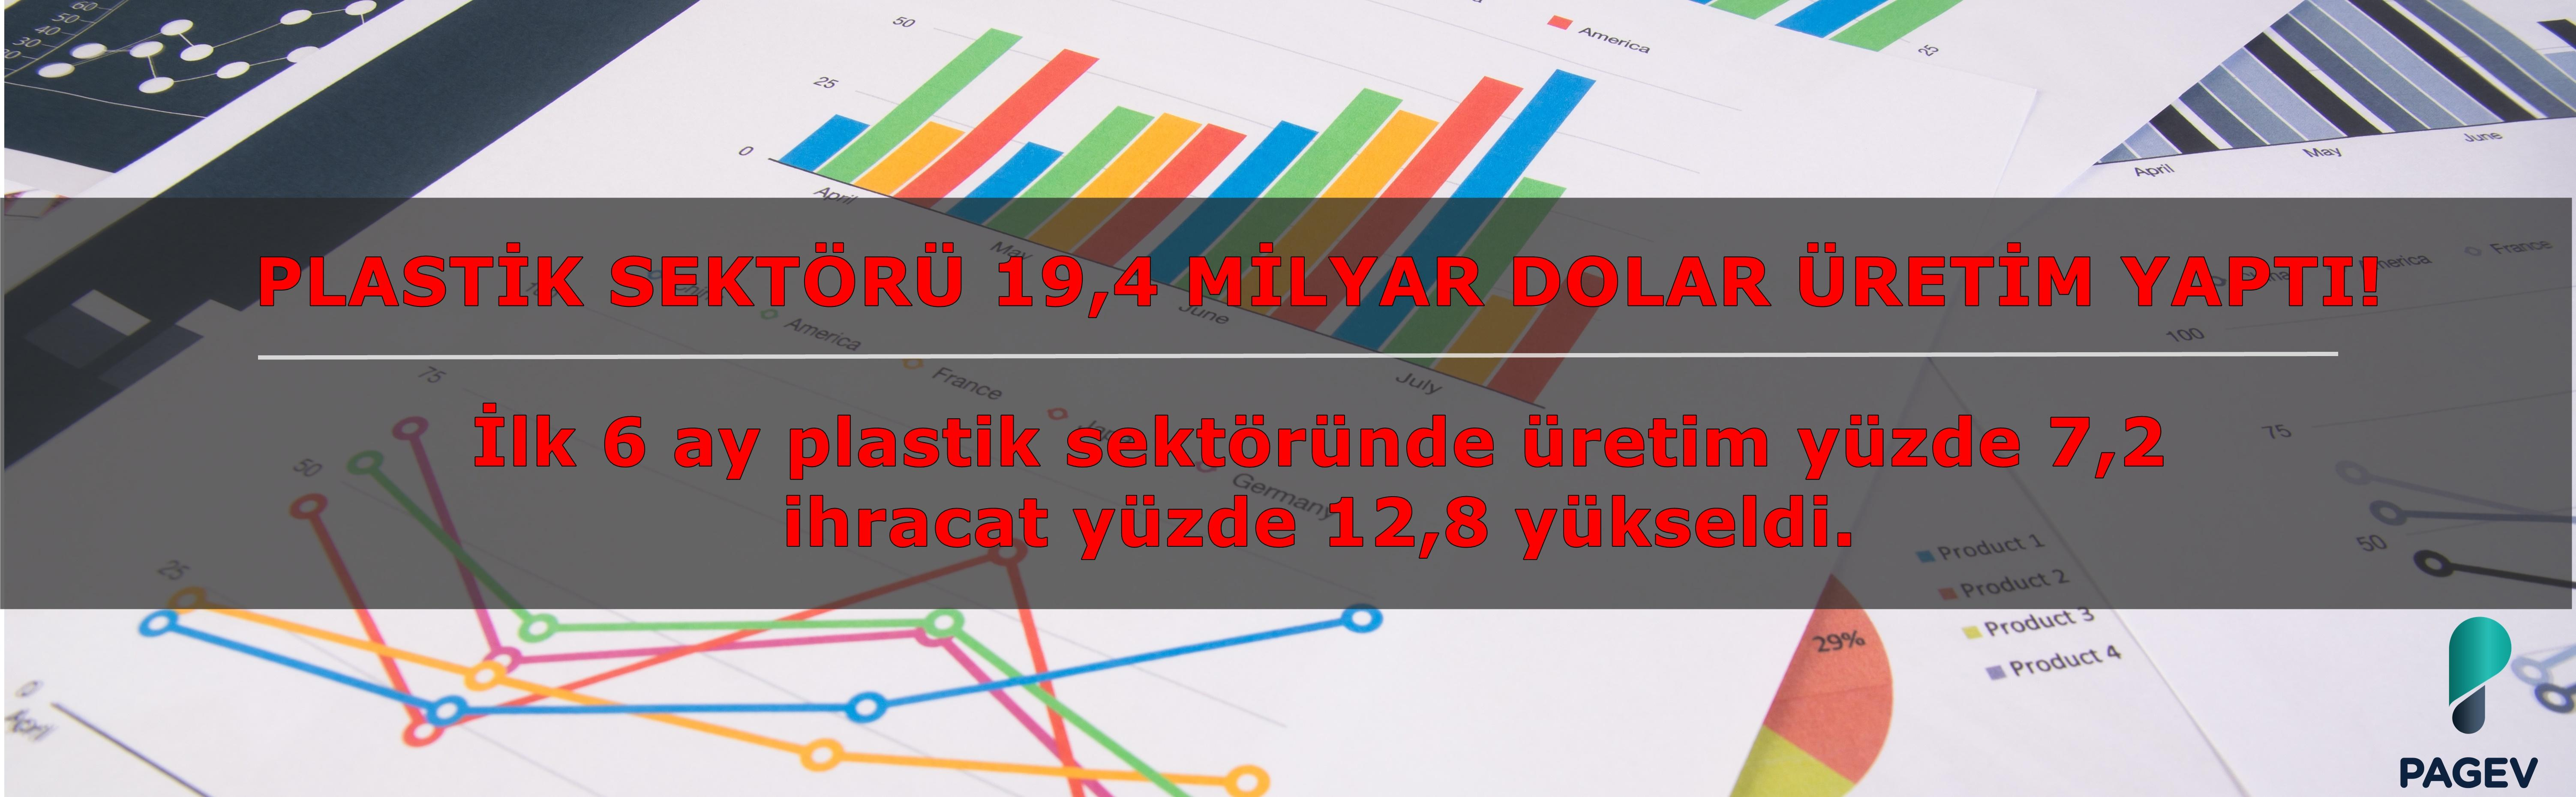 PLASTİK SEKTÖRÜ 19,4 MİLYAR DOLAR ÜRETİM YAPTI